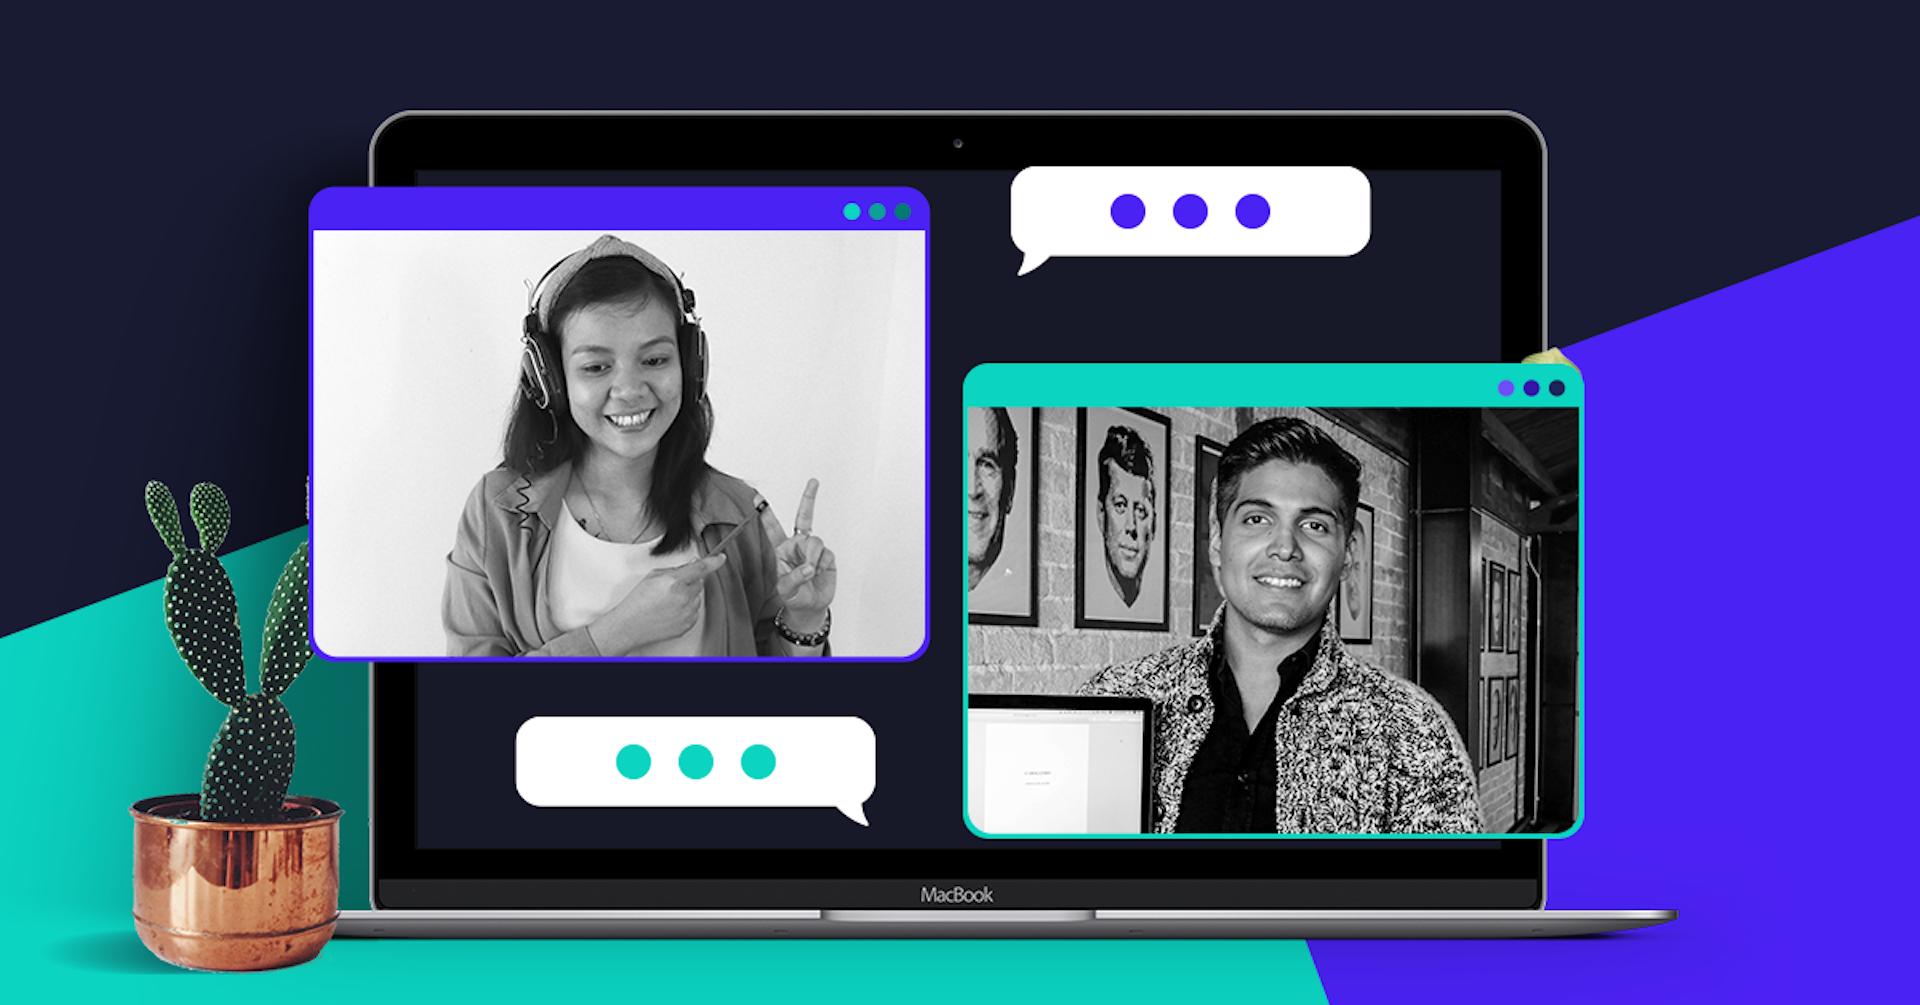 ¿Cómo hacer una entrevista de trabajo virtual? 9 Tips para tu videollamada